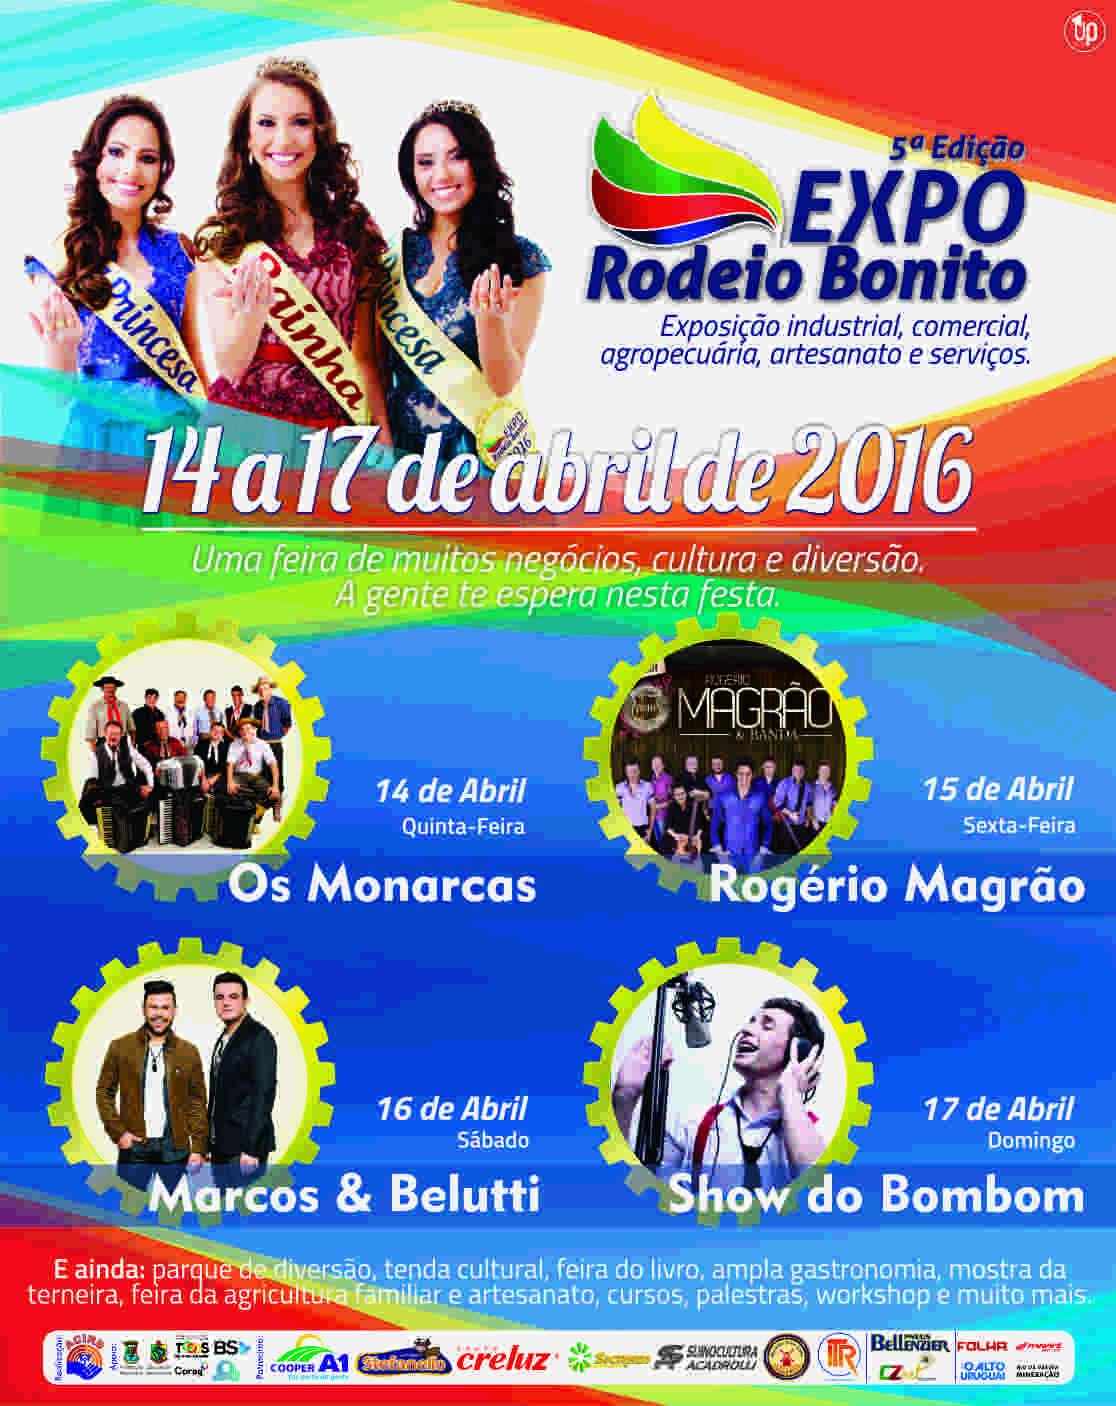 Programação Expo Rodeio Bonito 2016 02